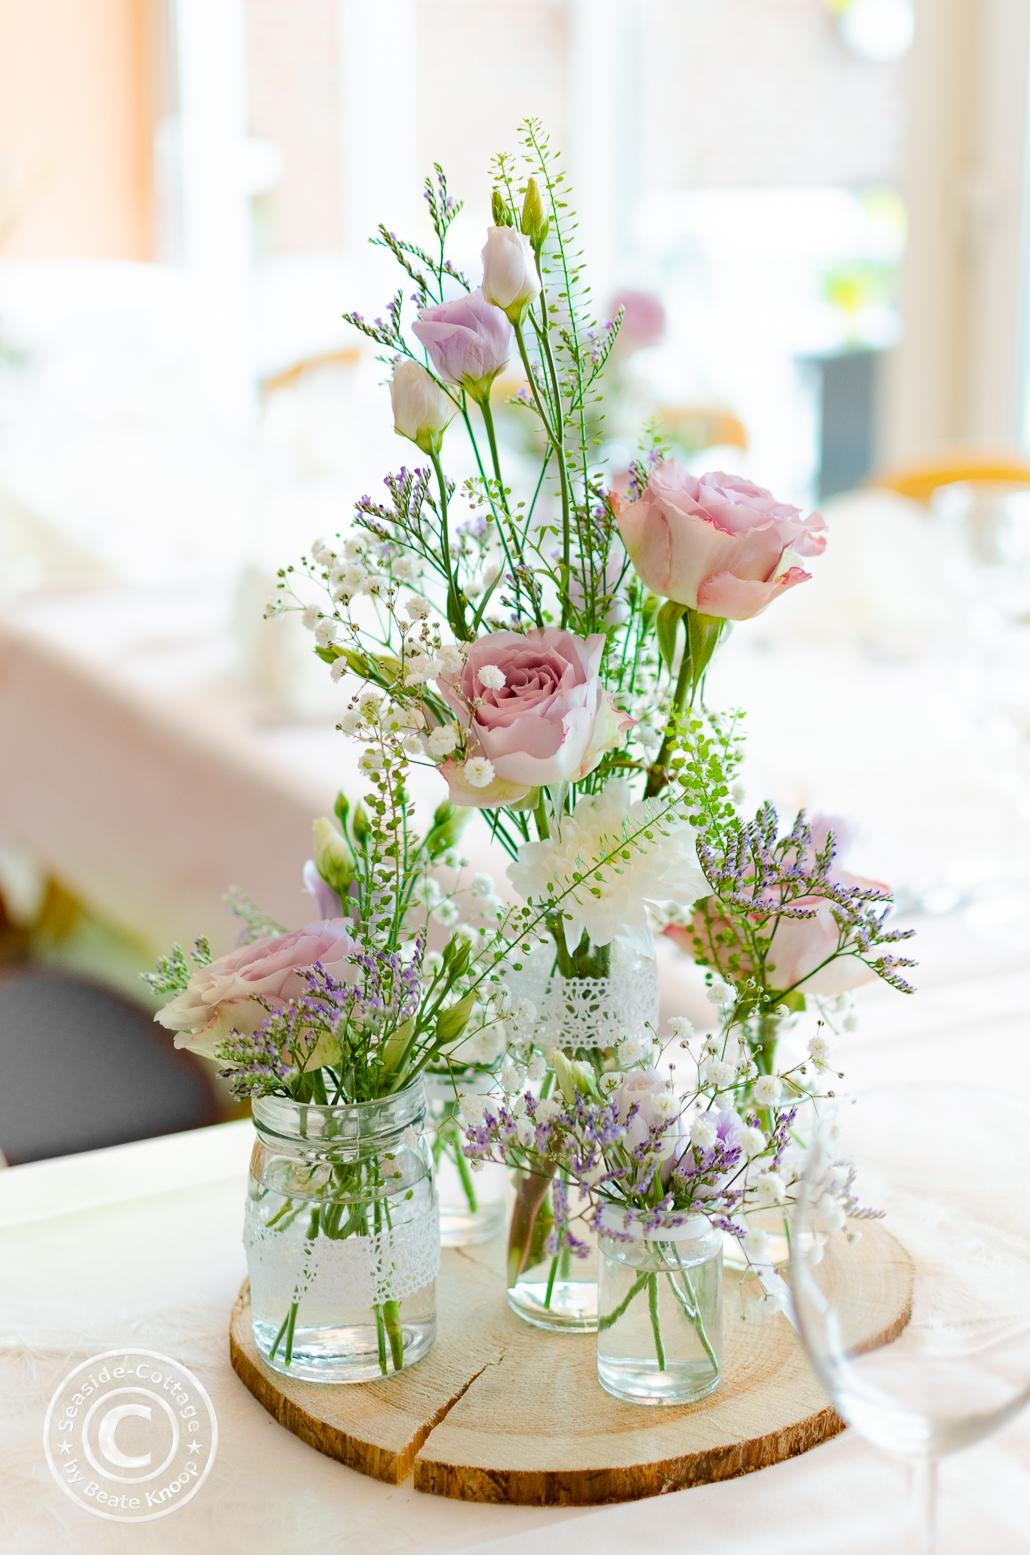 Natürliche Tischdeko für Konfirmation Kommunion Taufe Hochzeit